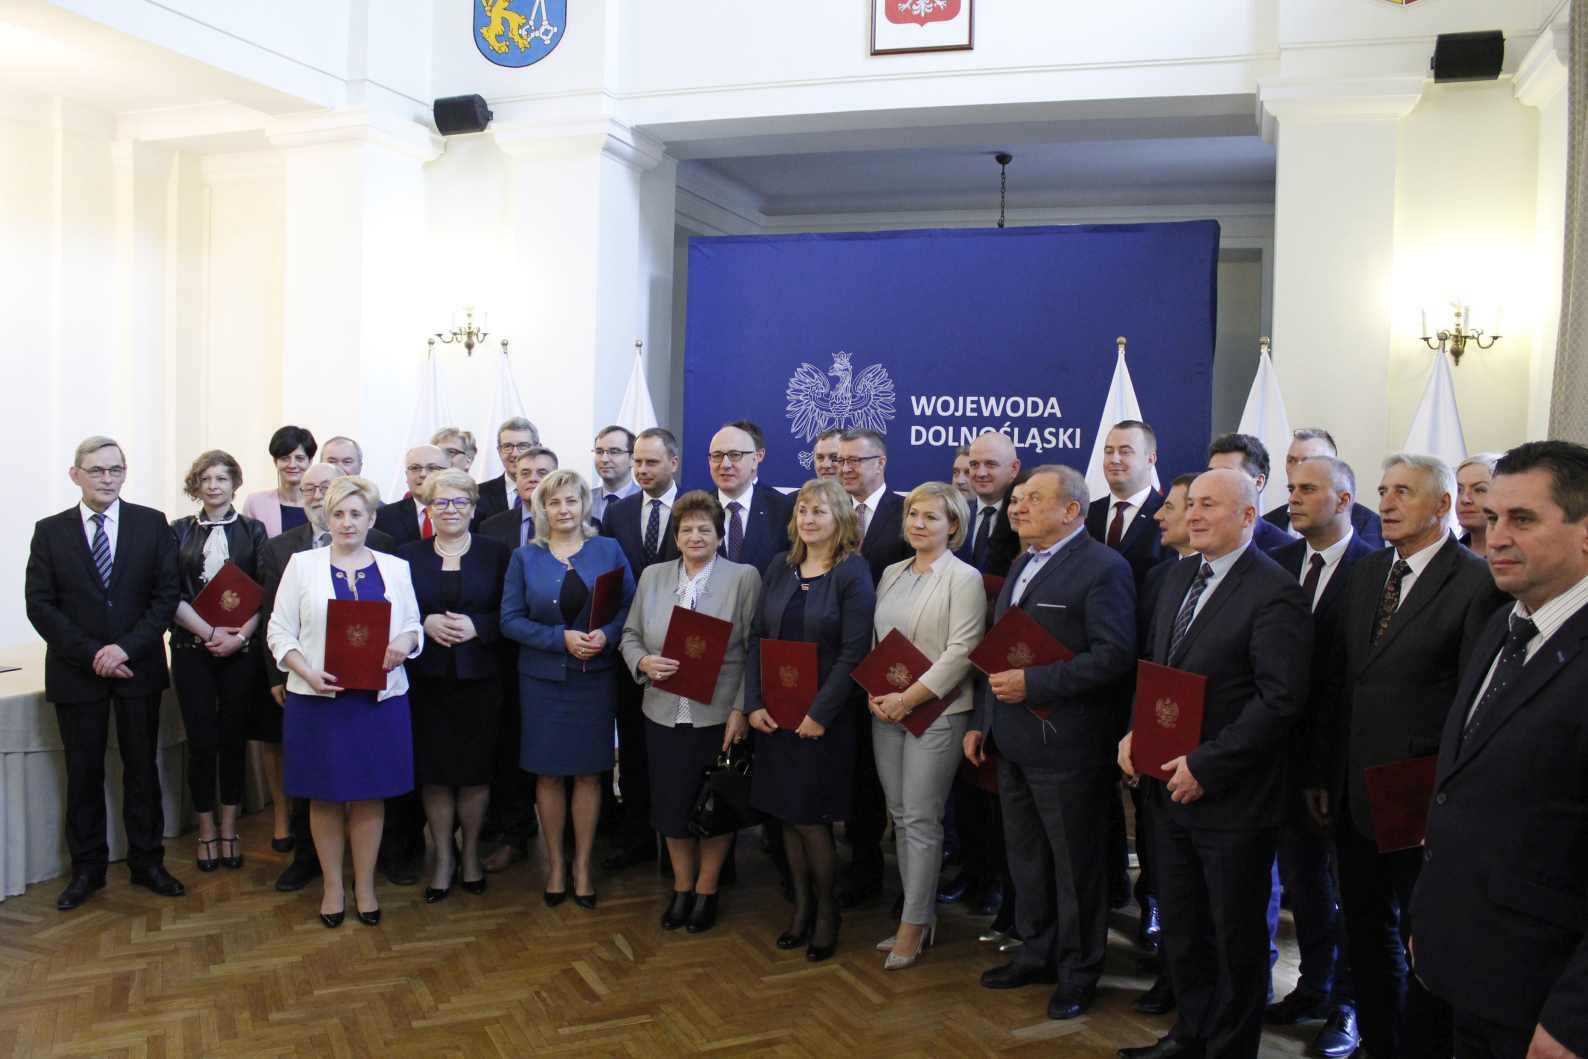 Joachim Brudziński wręczył promesy dolnośląskim samorządowcom